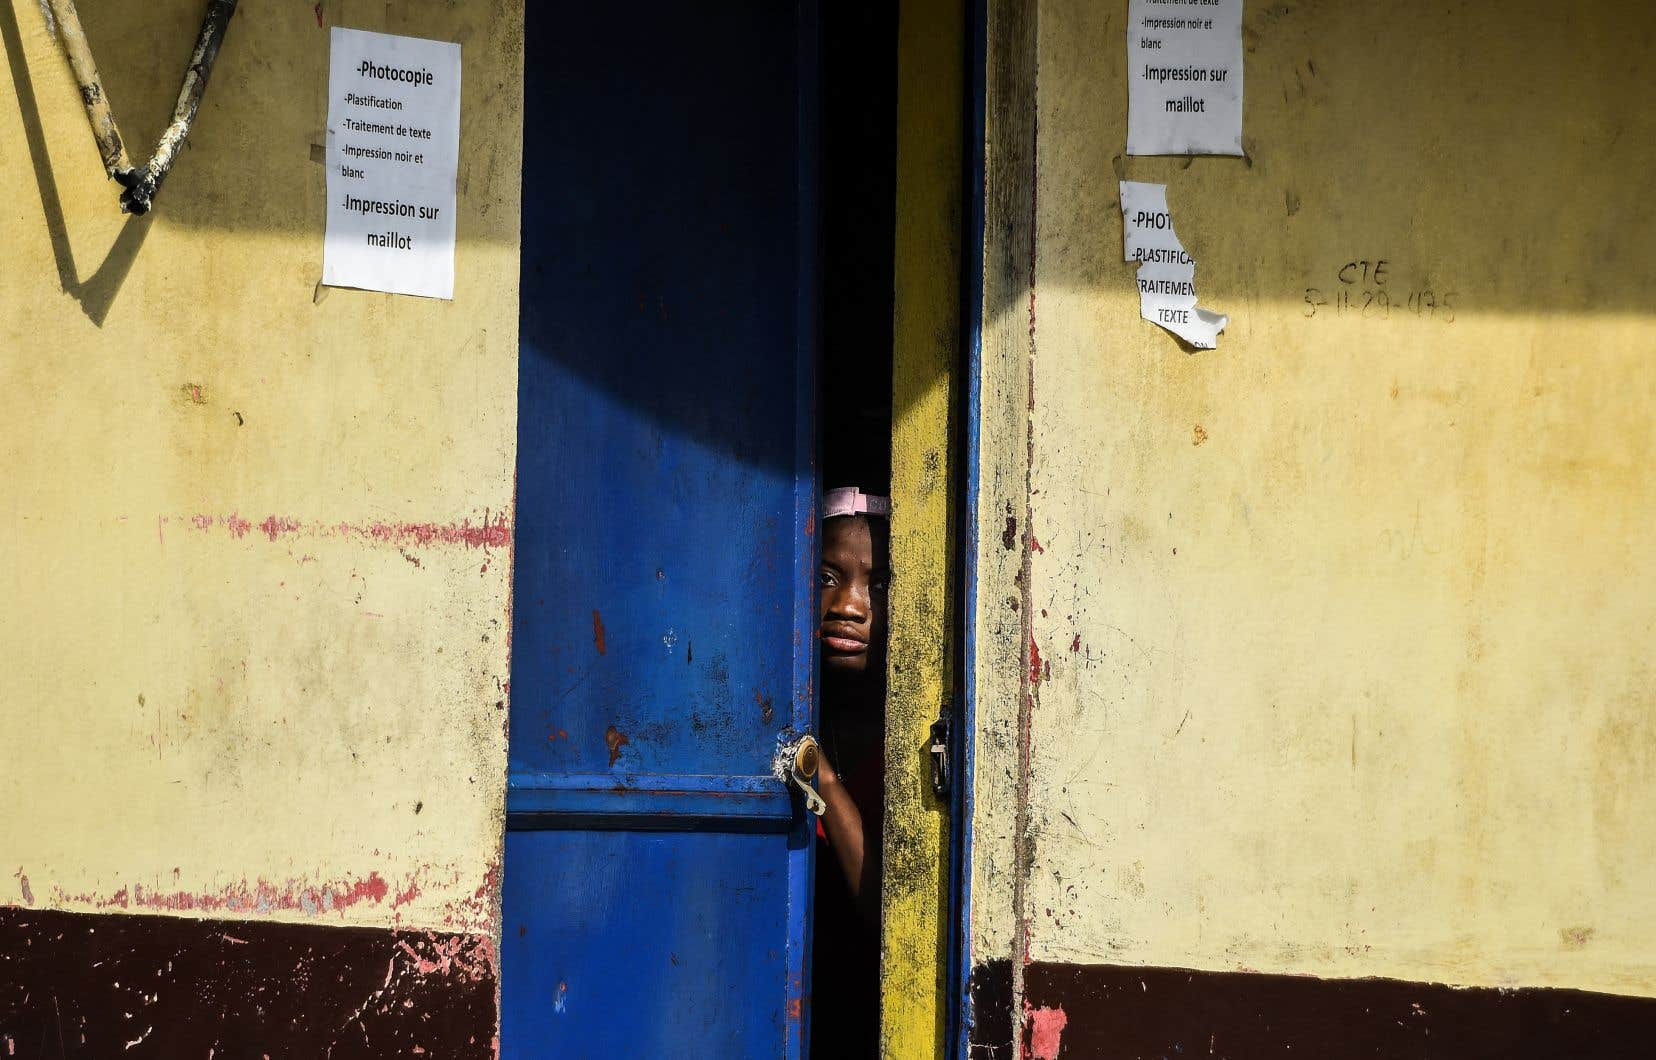 L'évolution de l'insécurité et de la criminalité s'est accompagnée d'une dégradation accélérée de la gouvernance des institutions judiciaire et policière ainsi que d'une détérioration des conditions de vie de la population haïtienne.